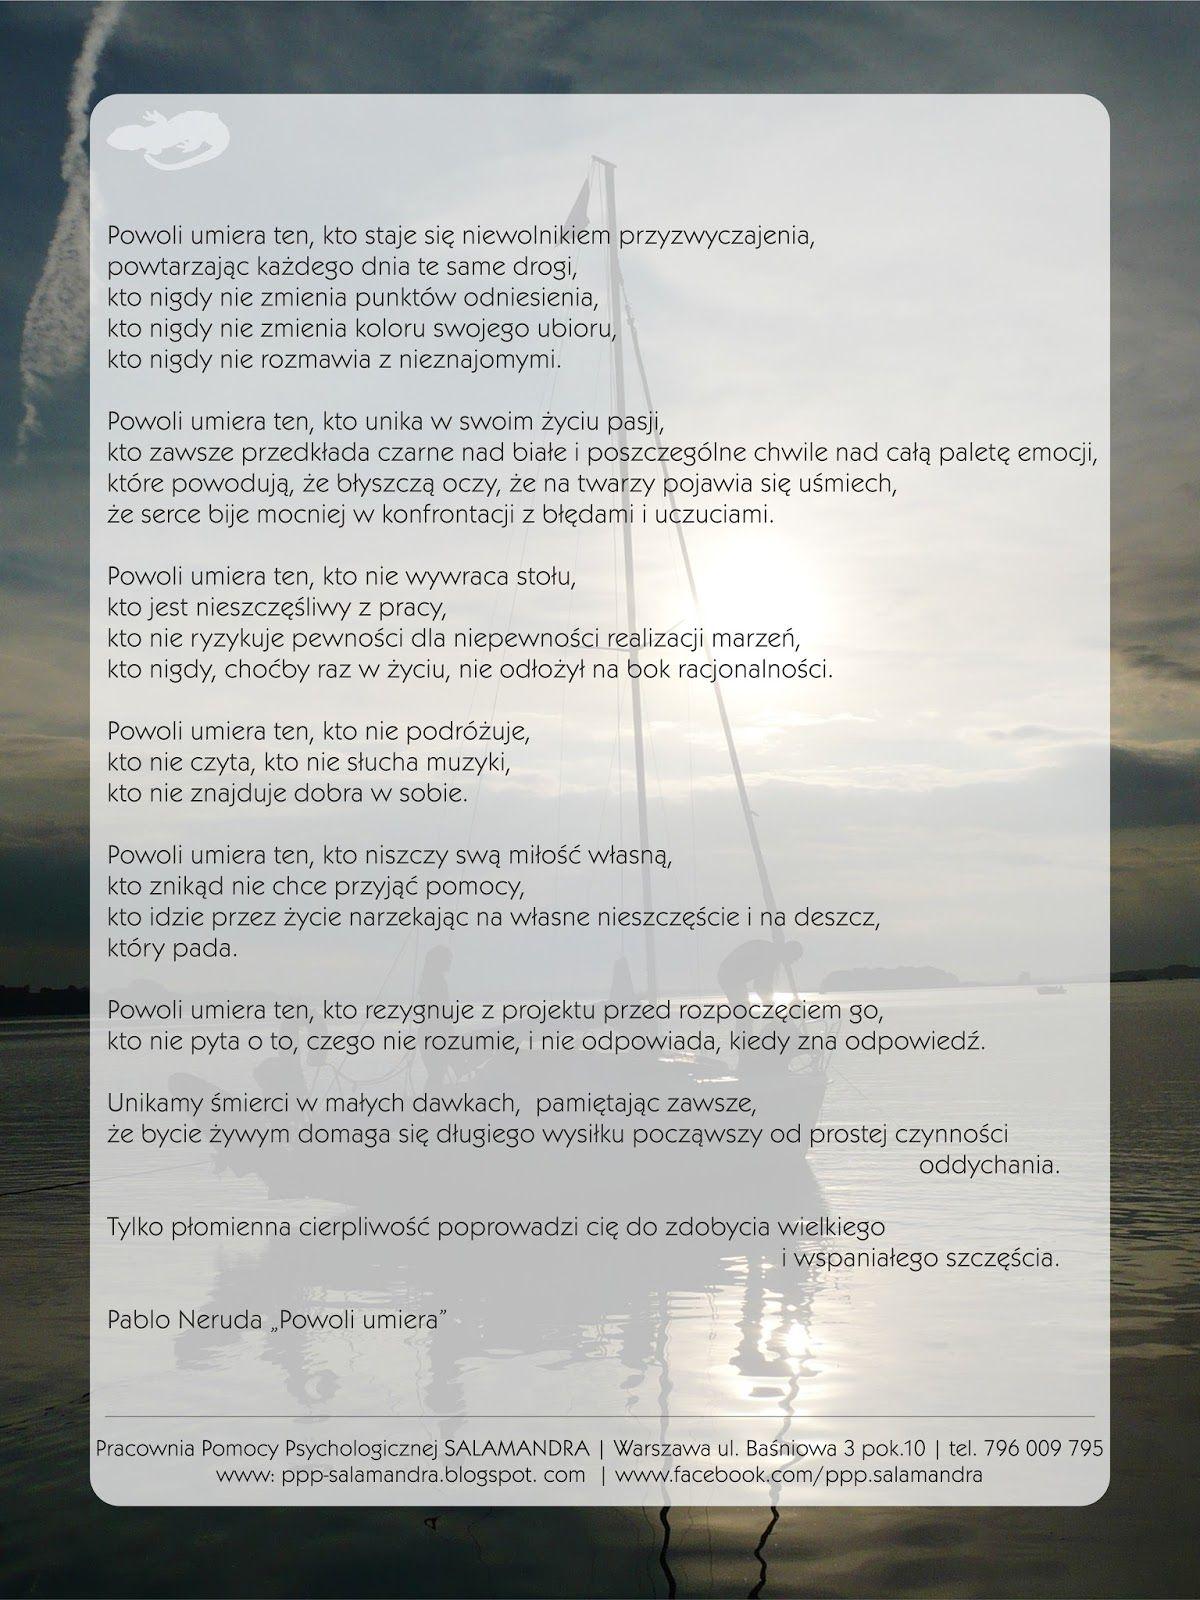 Powoli Umiera Ten Porada Na Poniedziałek Pablo Neruda